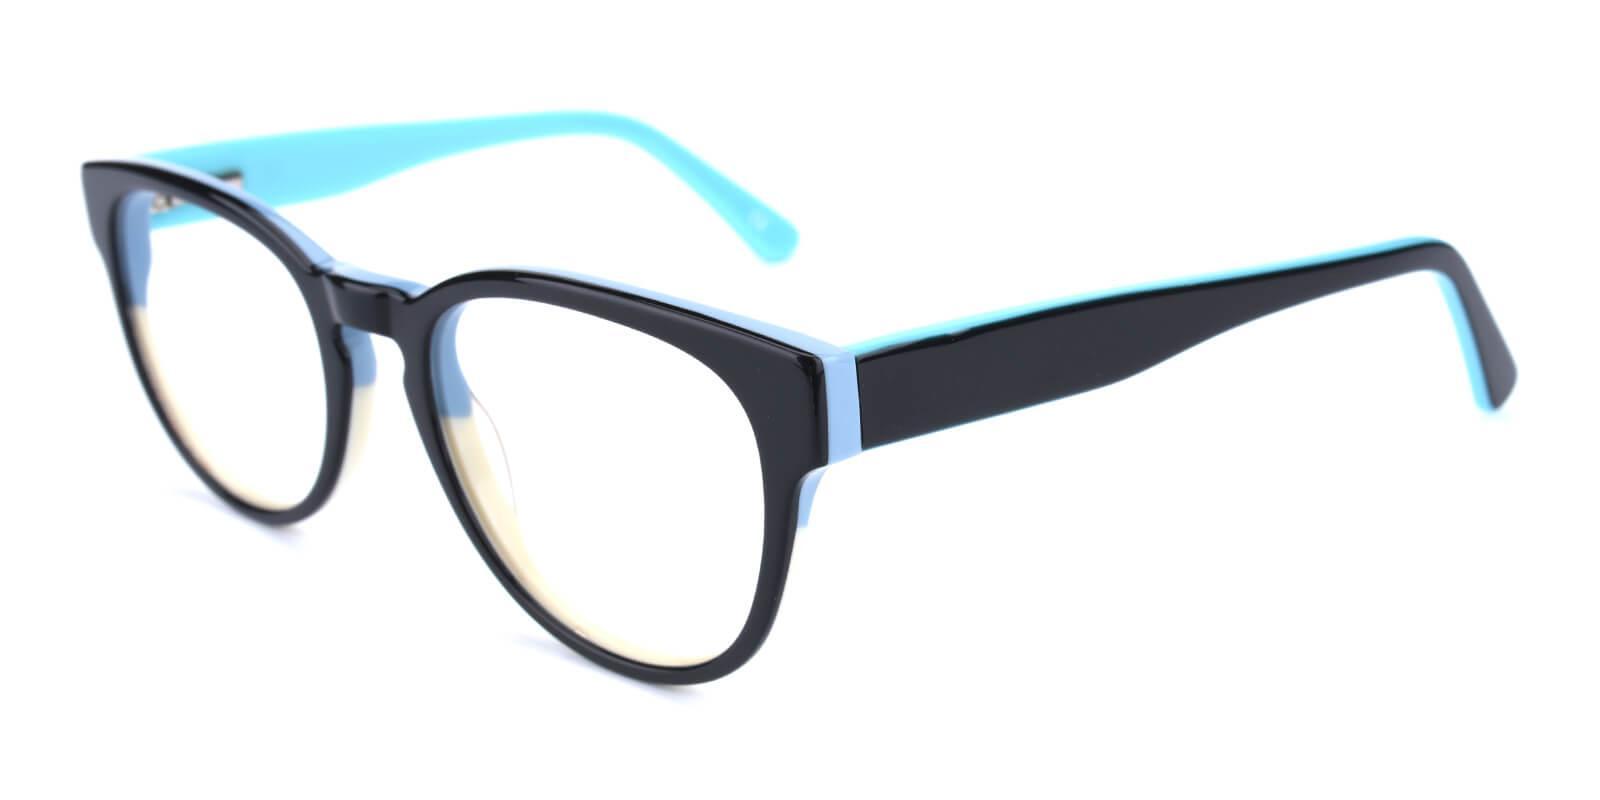 Bringmo-Blue-Round / Cat-Acetate-Eyeglasses-additional1